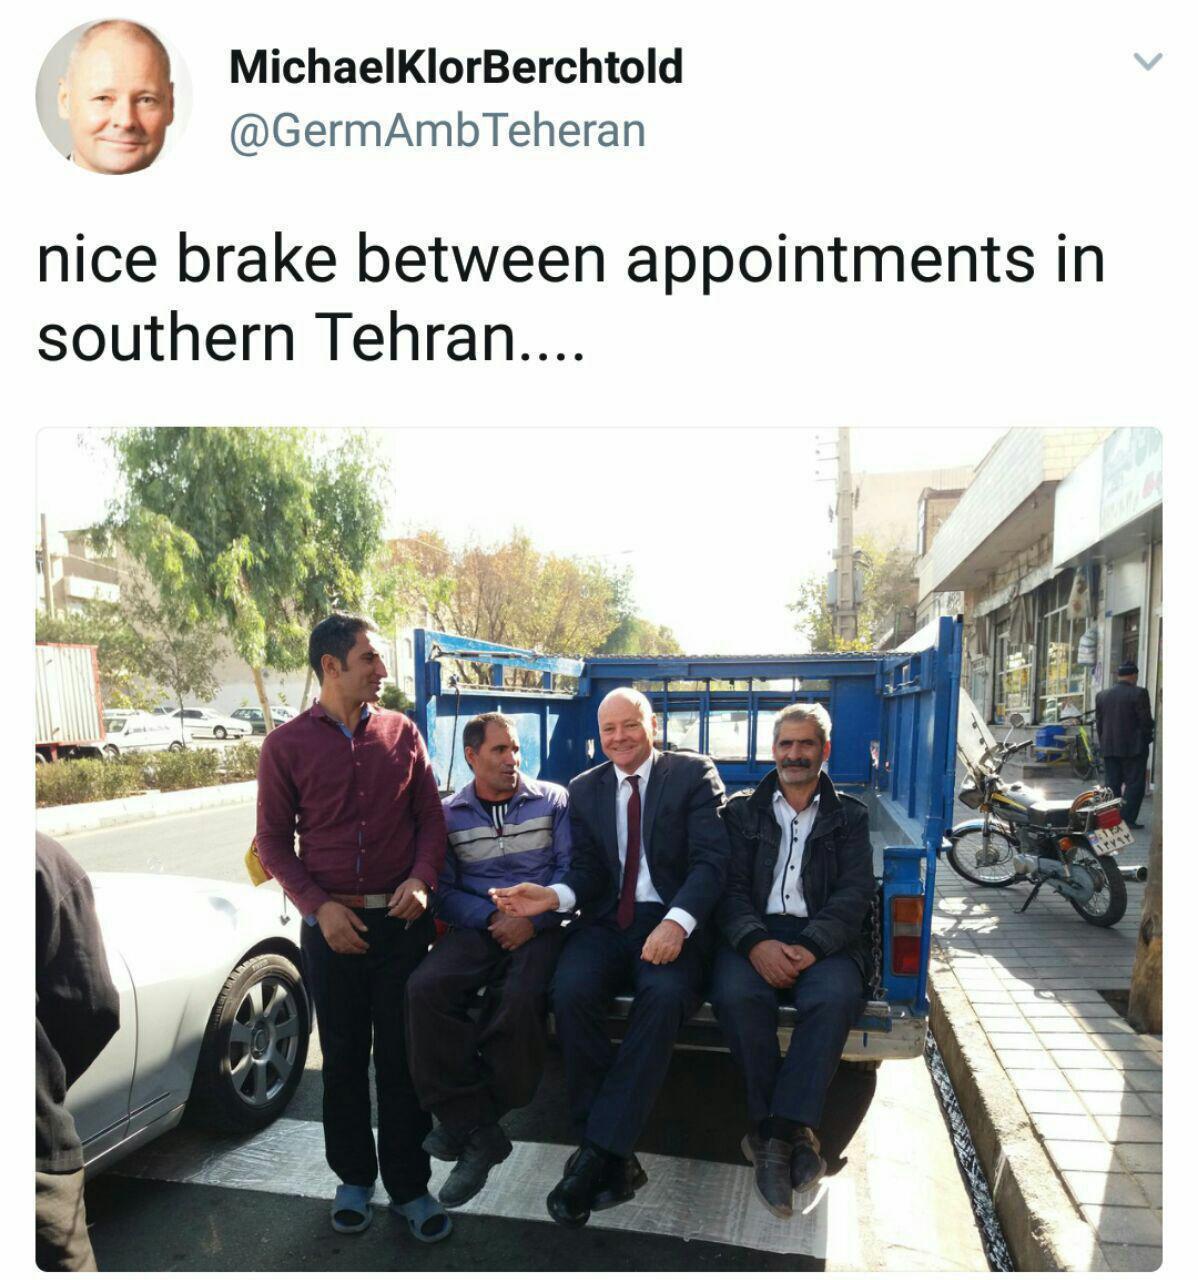 خودروی محبوب سفیر آلمان در ایران + عکس